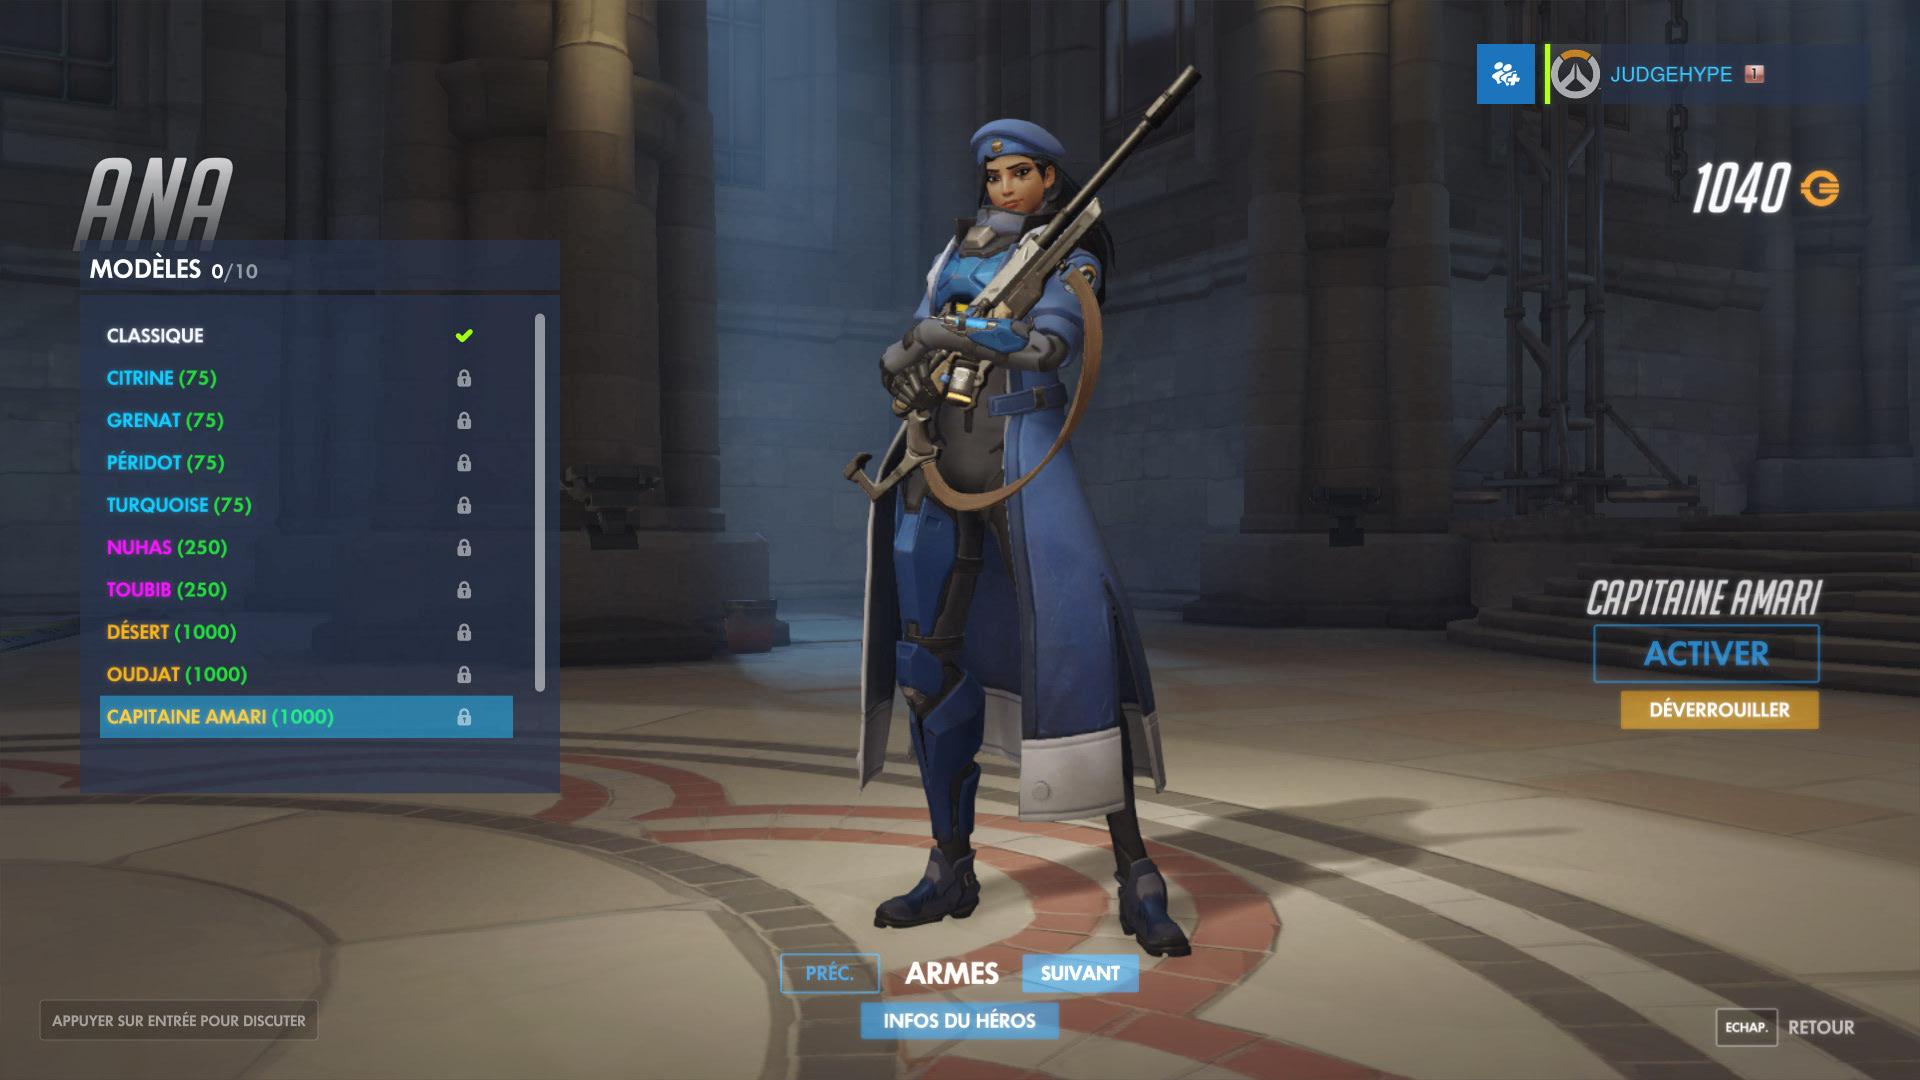 Screenshot d'une apparence d'Ana Amari sur Overwatch.